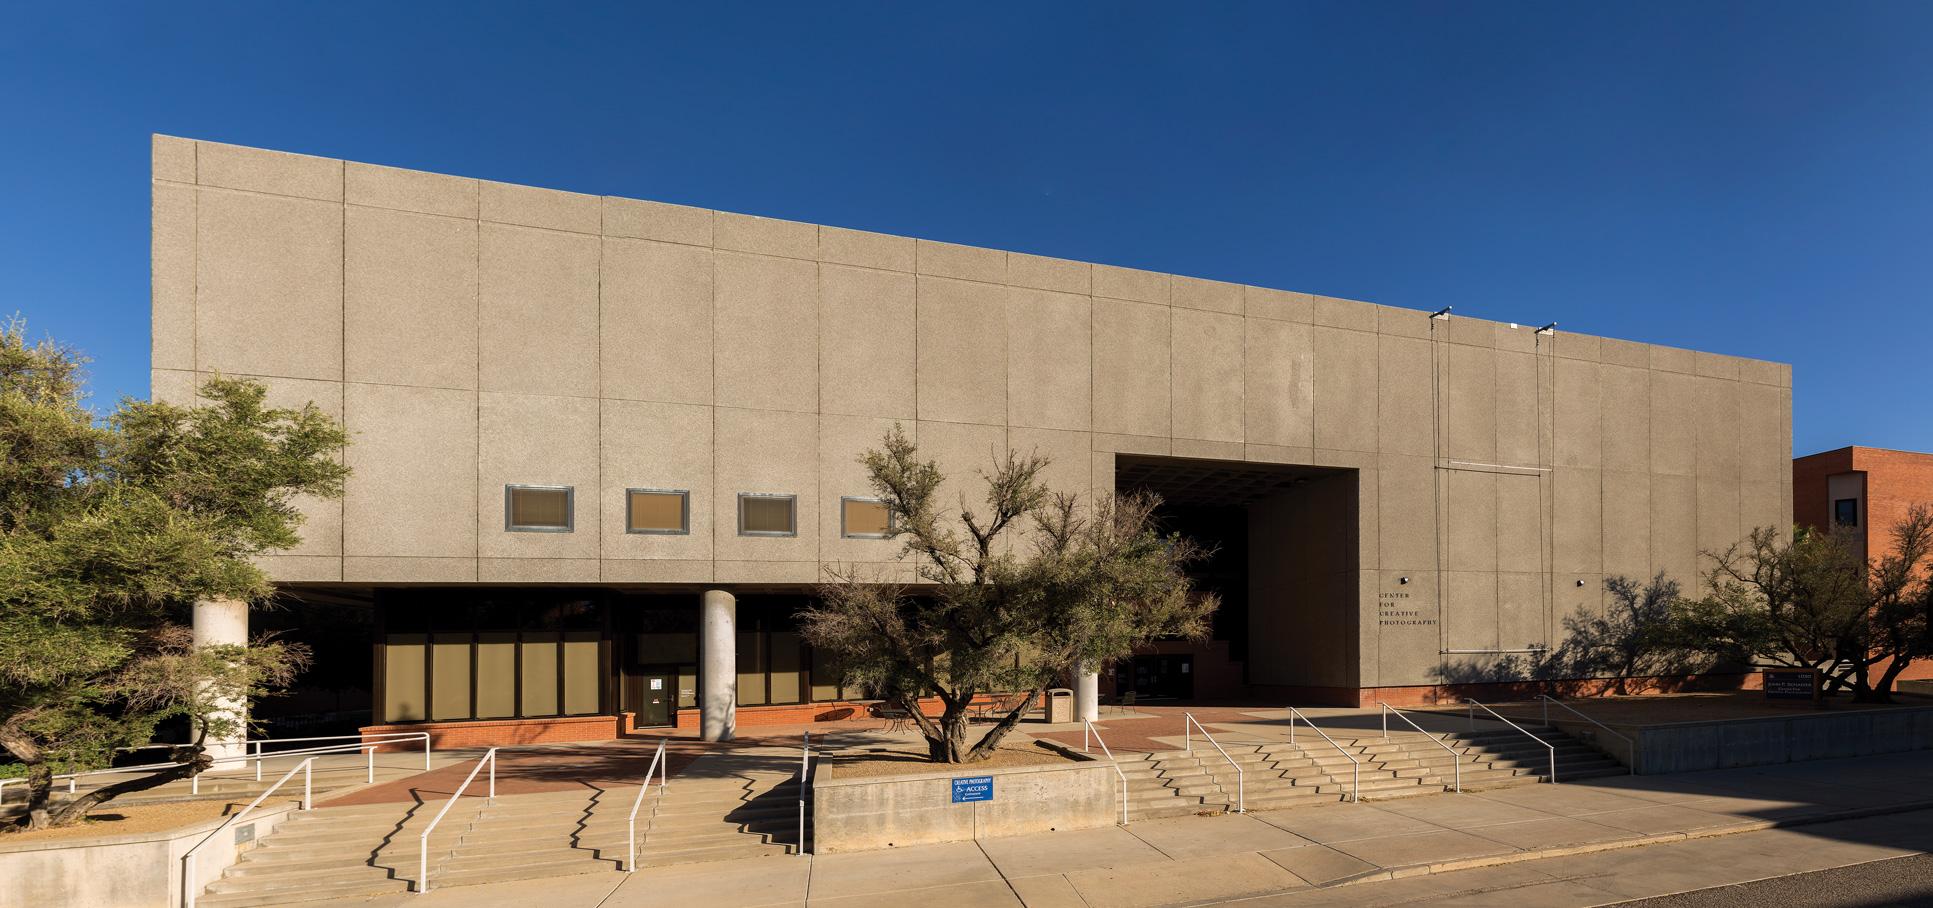 CCP Building Exterior